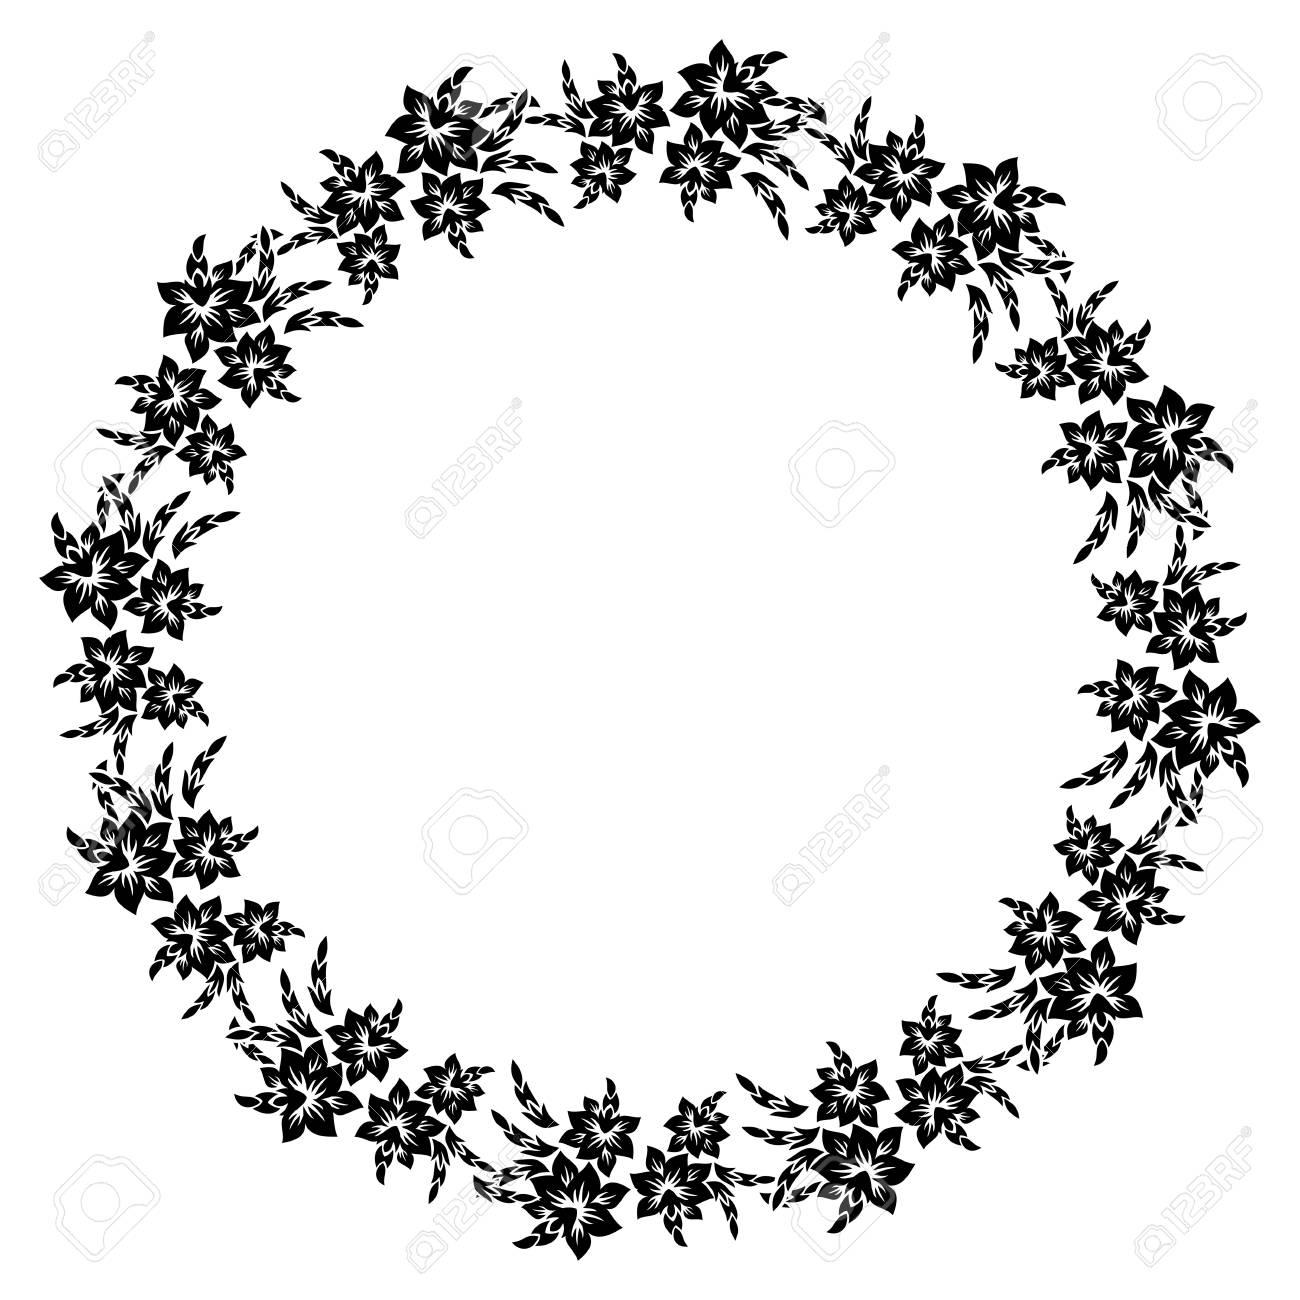 Silueta En Blanco Y Negro Marco Redondo Con Flores Decorativas ...